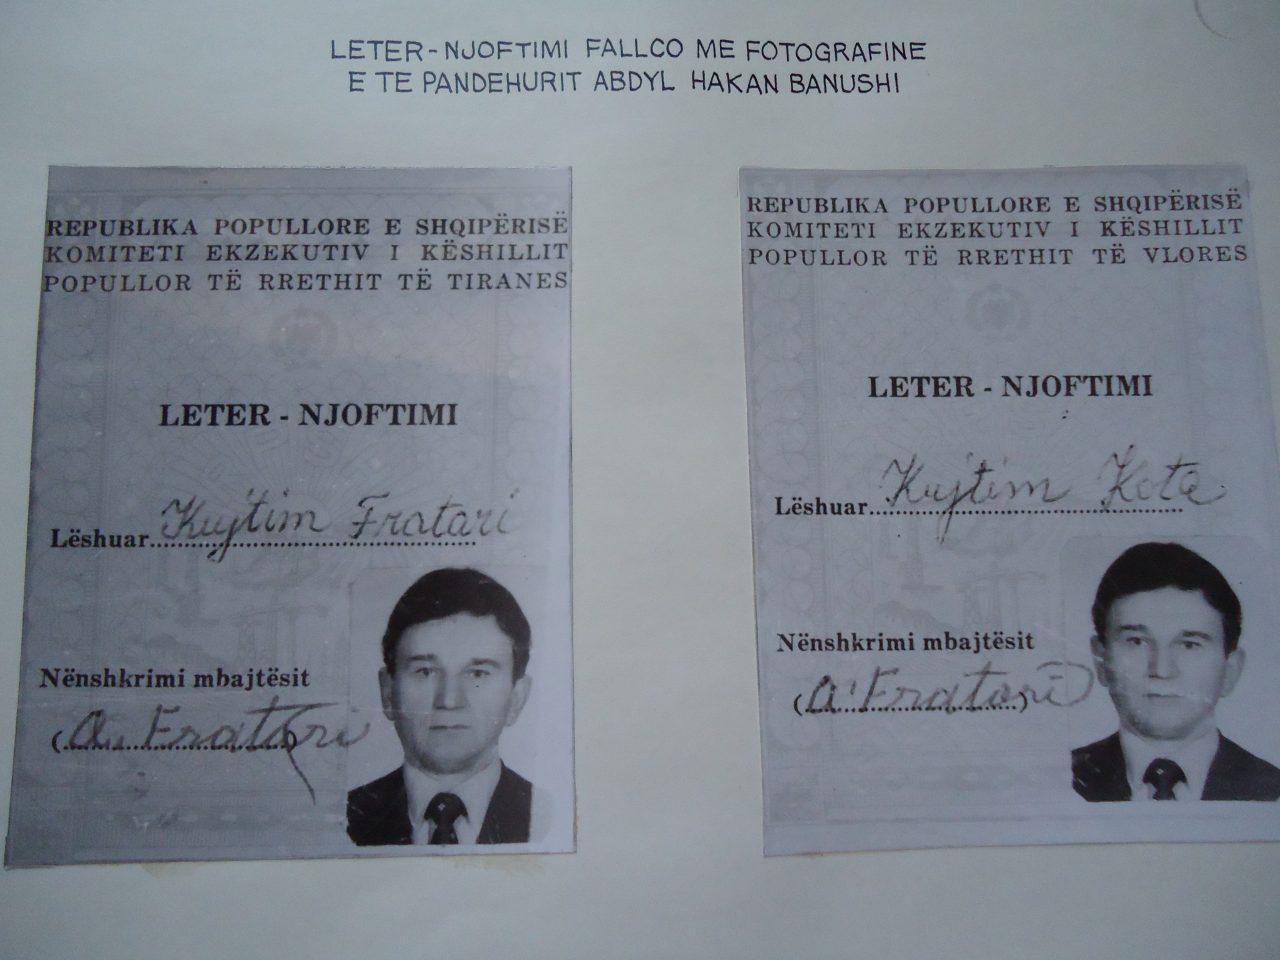 Atentatori-i-Enver-Hoxhes-1-1280x960.jpg